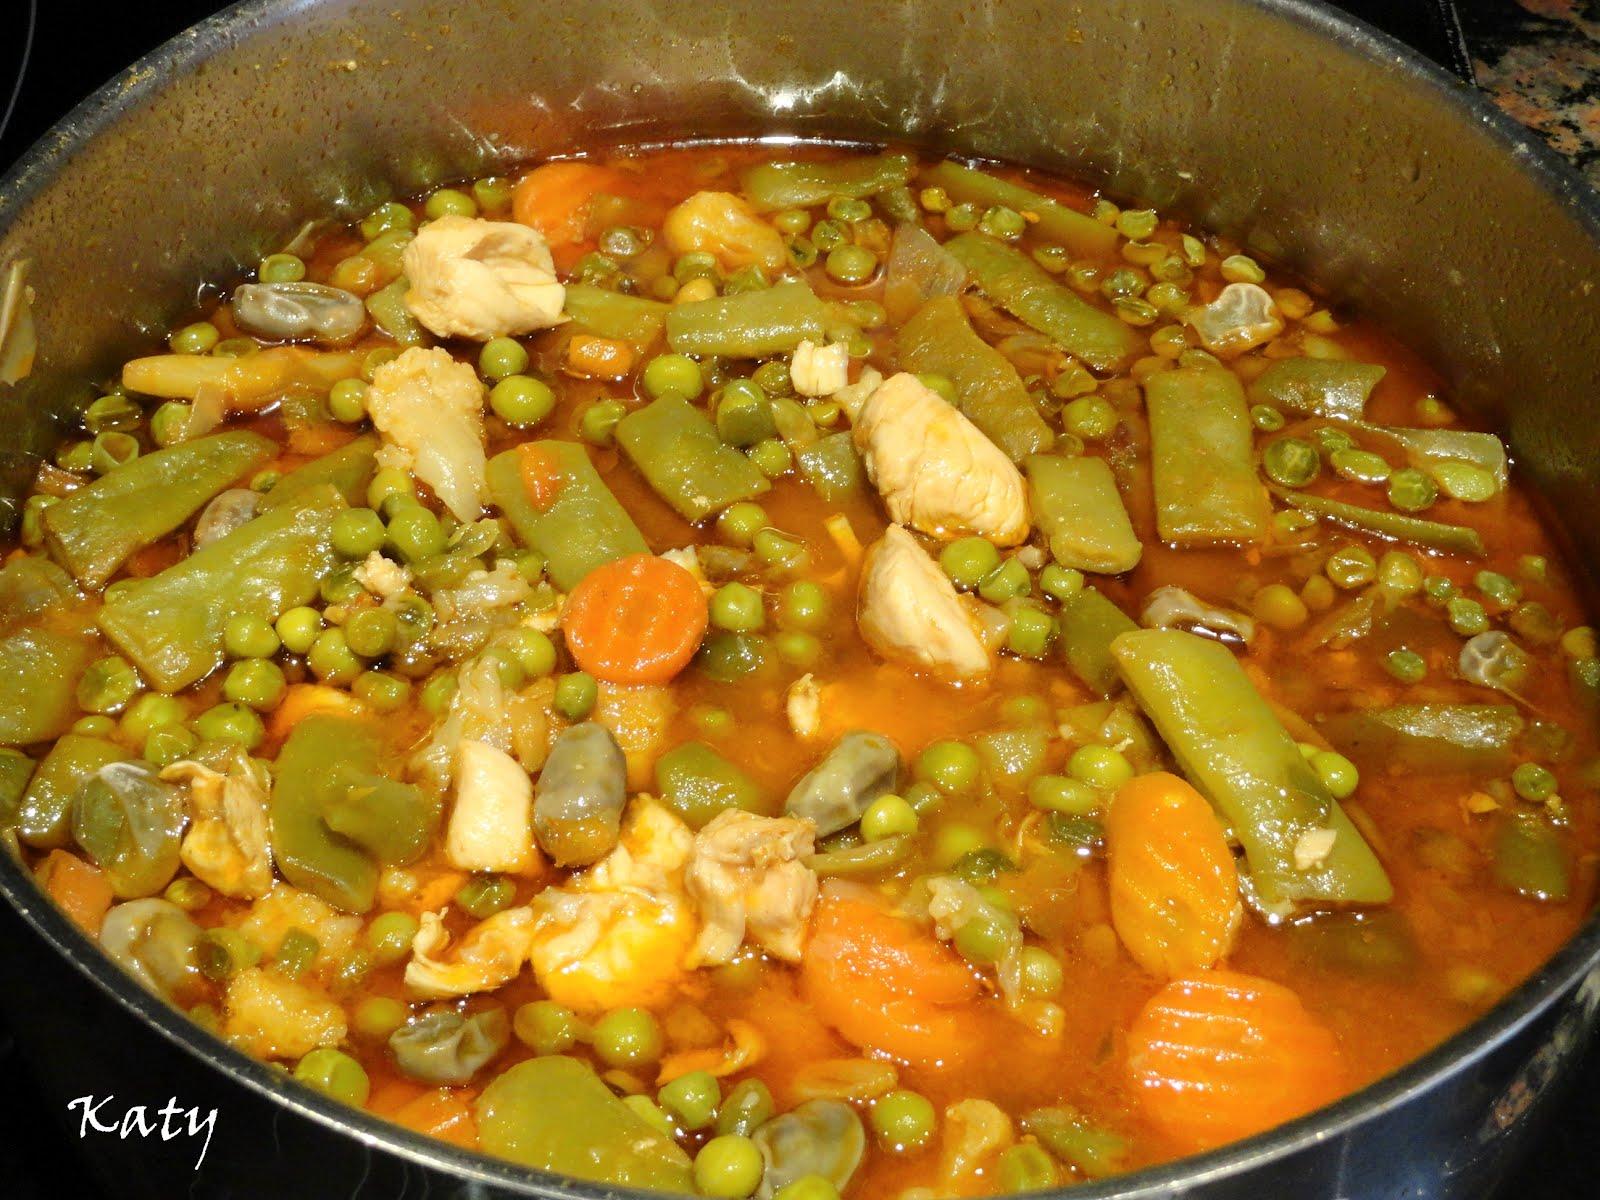 Para hincar el diente k m m k menestra de pollo - Como preparar menestra de verduras ...